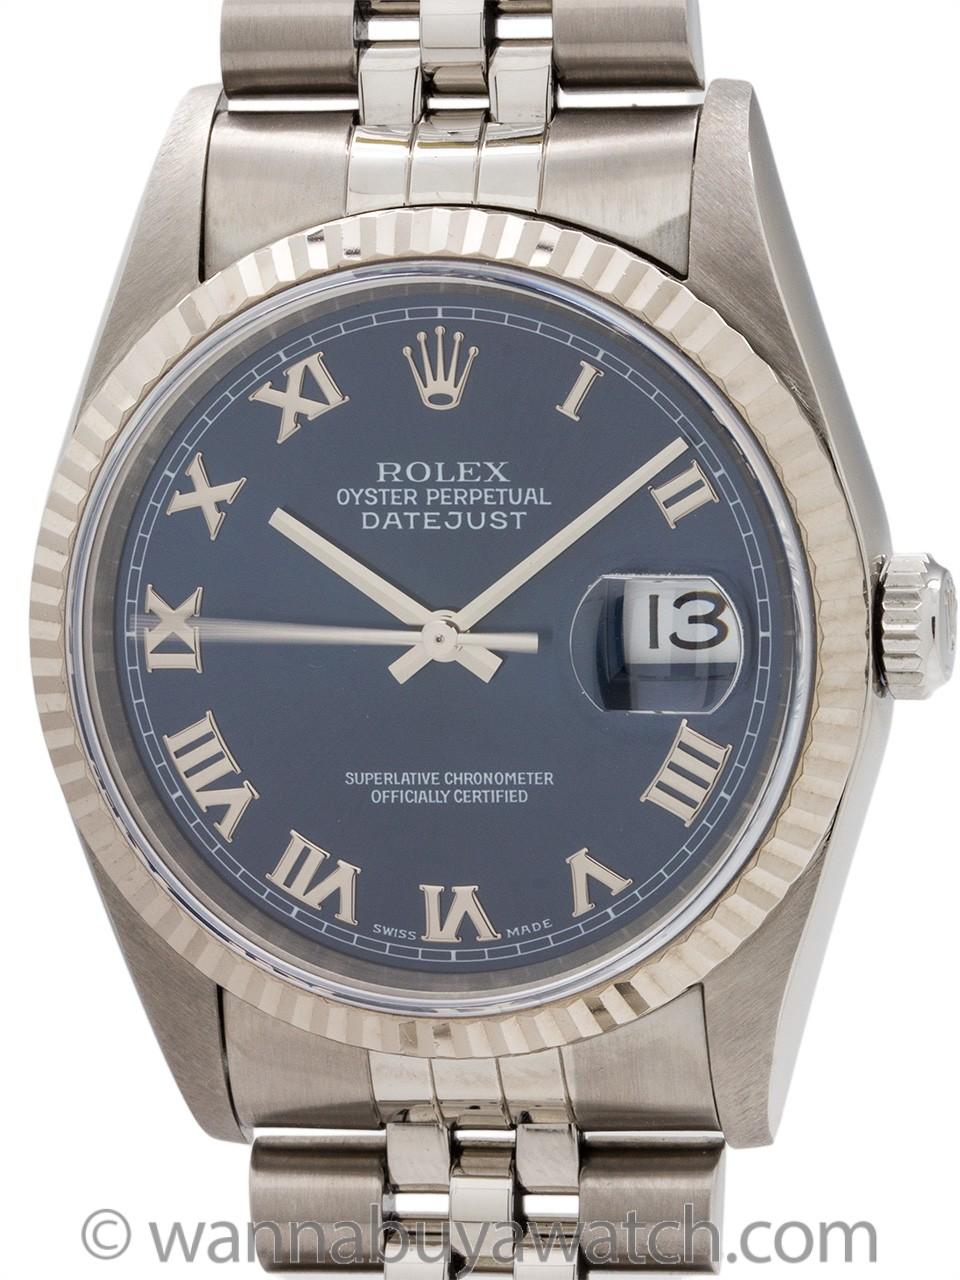 Rolex Datejust ref# 16234 SS/18K WG circa 2000